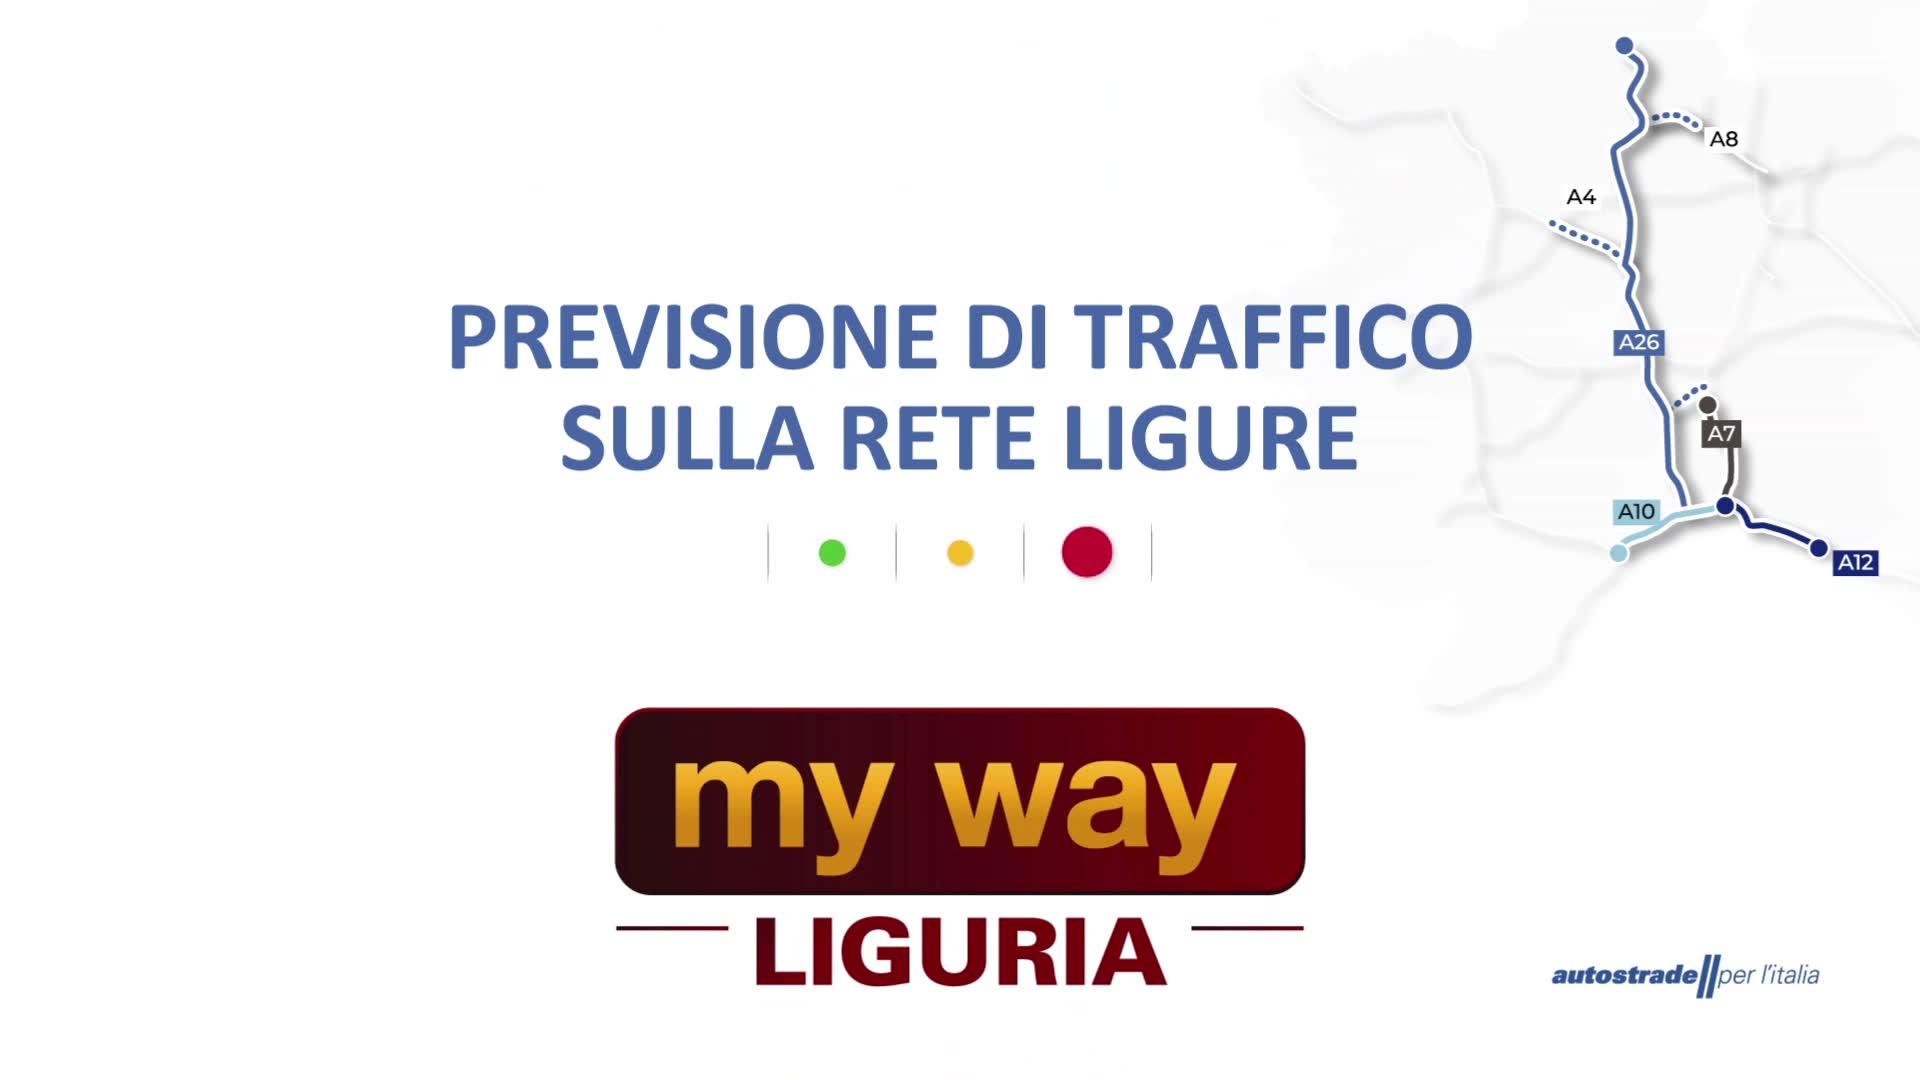 Le previsioni del traffico sulla rete autostradale ligure per sabato 16 ottobre